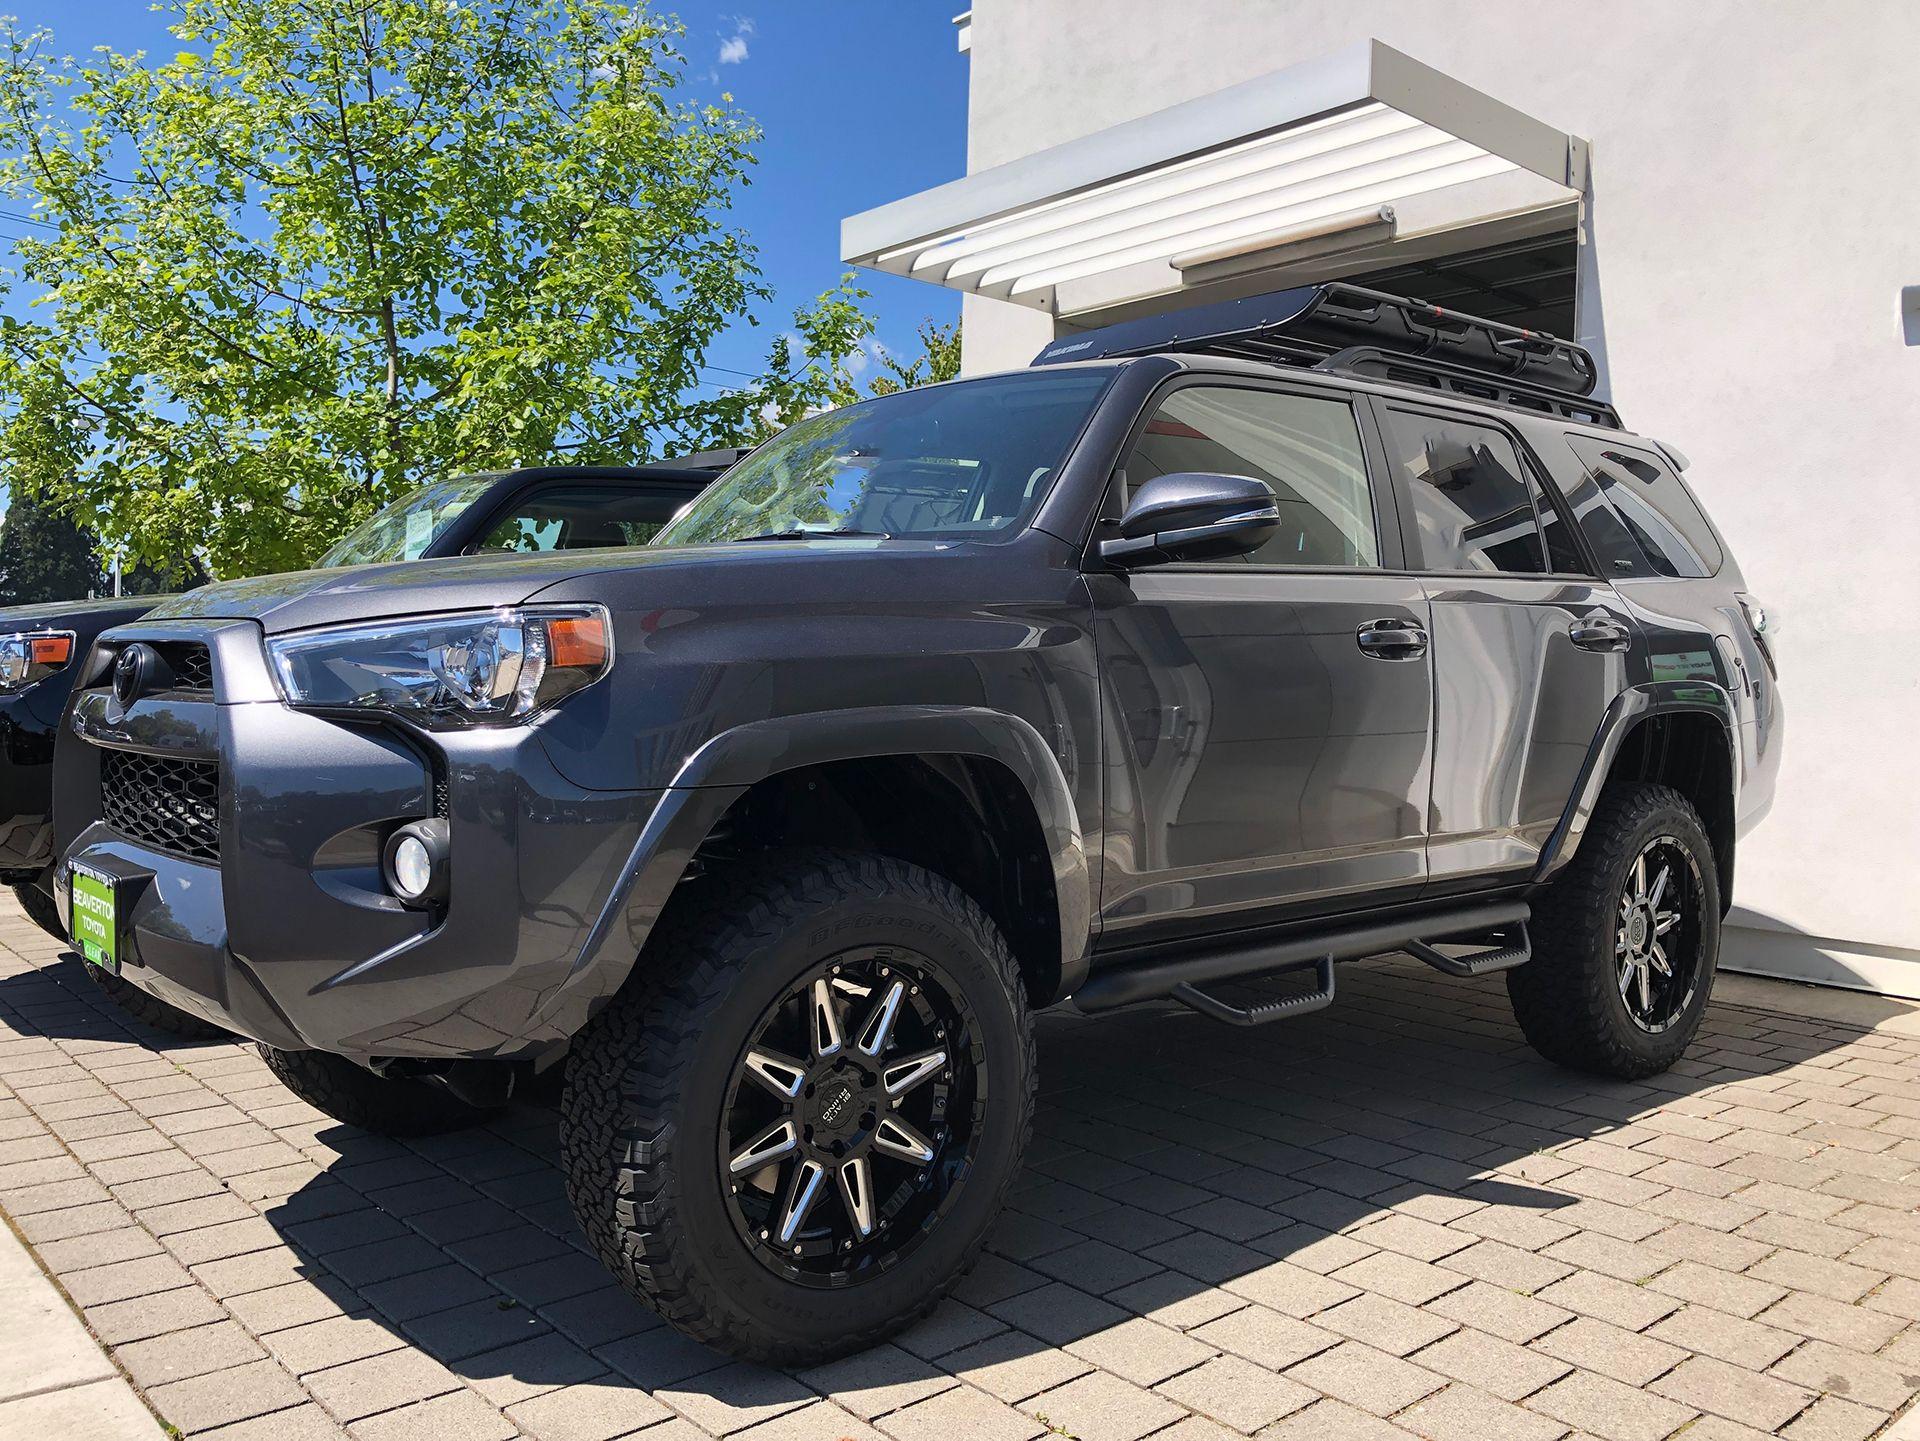 2019 Toyota 4runner With 20 Inch Black Rhino Rush Wheels And 275 60 20 Bfg Tires 2019 Cvdauto Toyota 4runner Toyota 4runner Sr5 Toyota 4runner 4runner